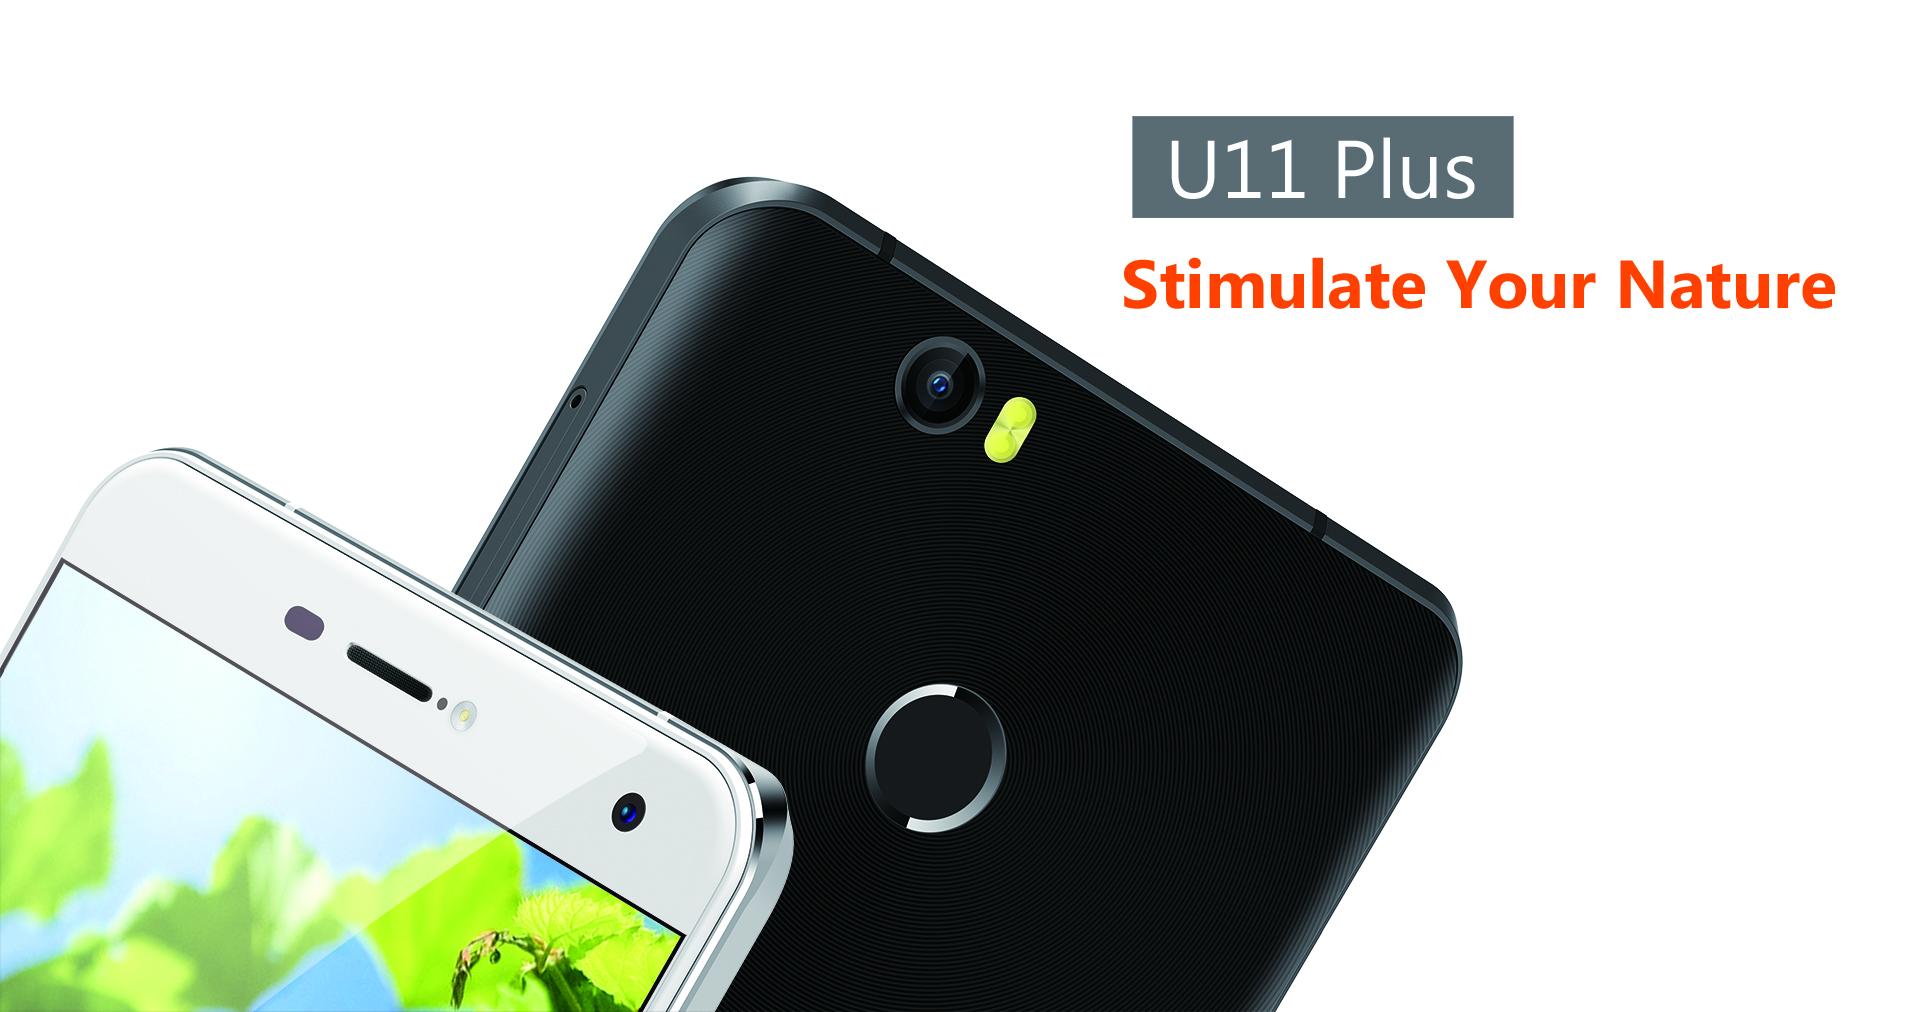 Oukitel chystá další skvělý model U11 Plus [sponzorovaný článek]